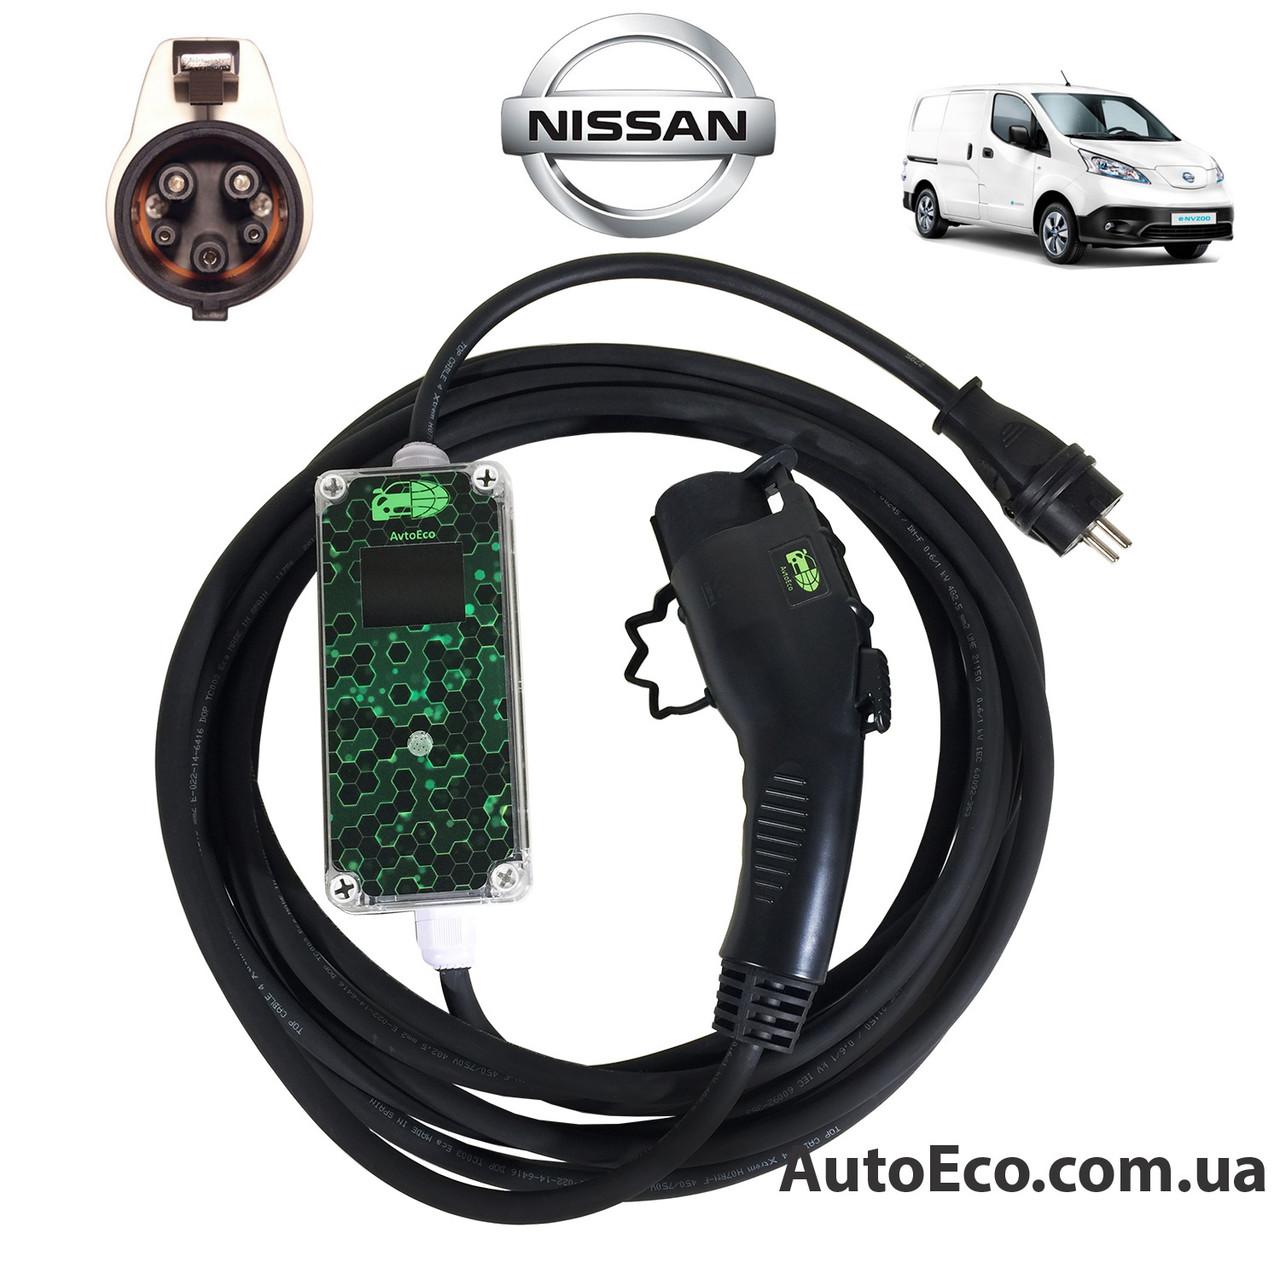 Зарядное устройство для электромобиля Nissan NV200 SE Van AutoEco J1772-16A-Wi-Fi